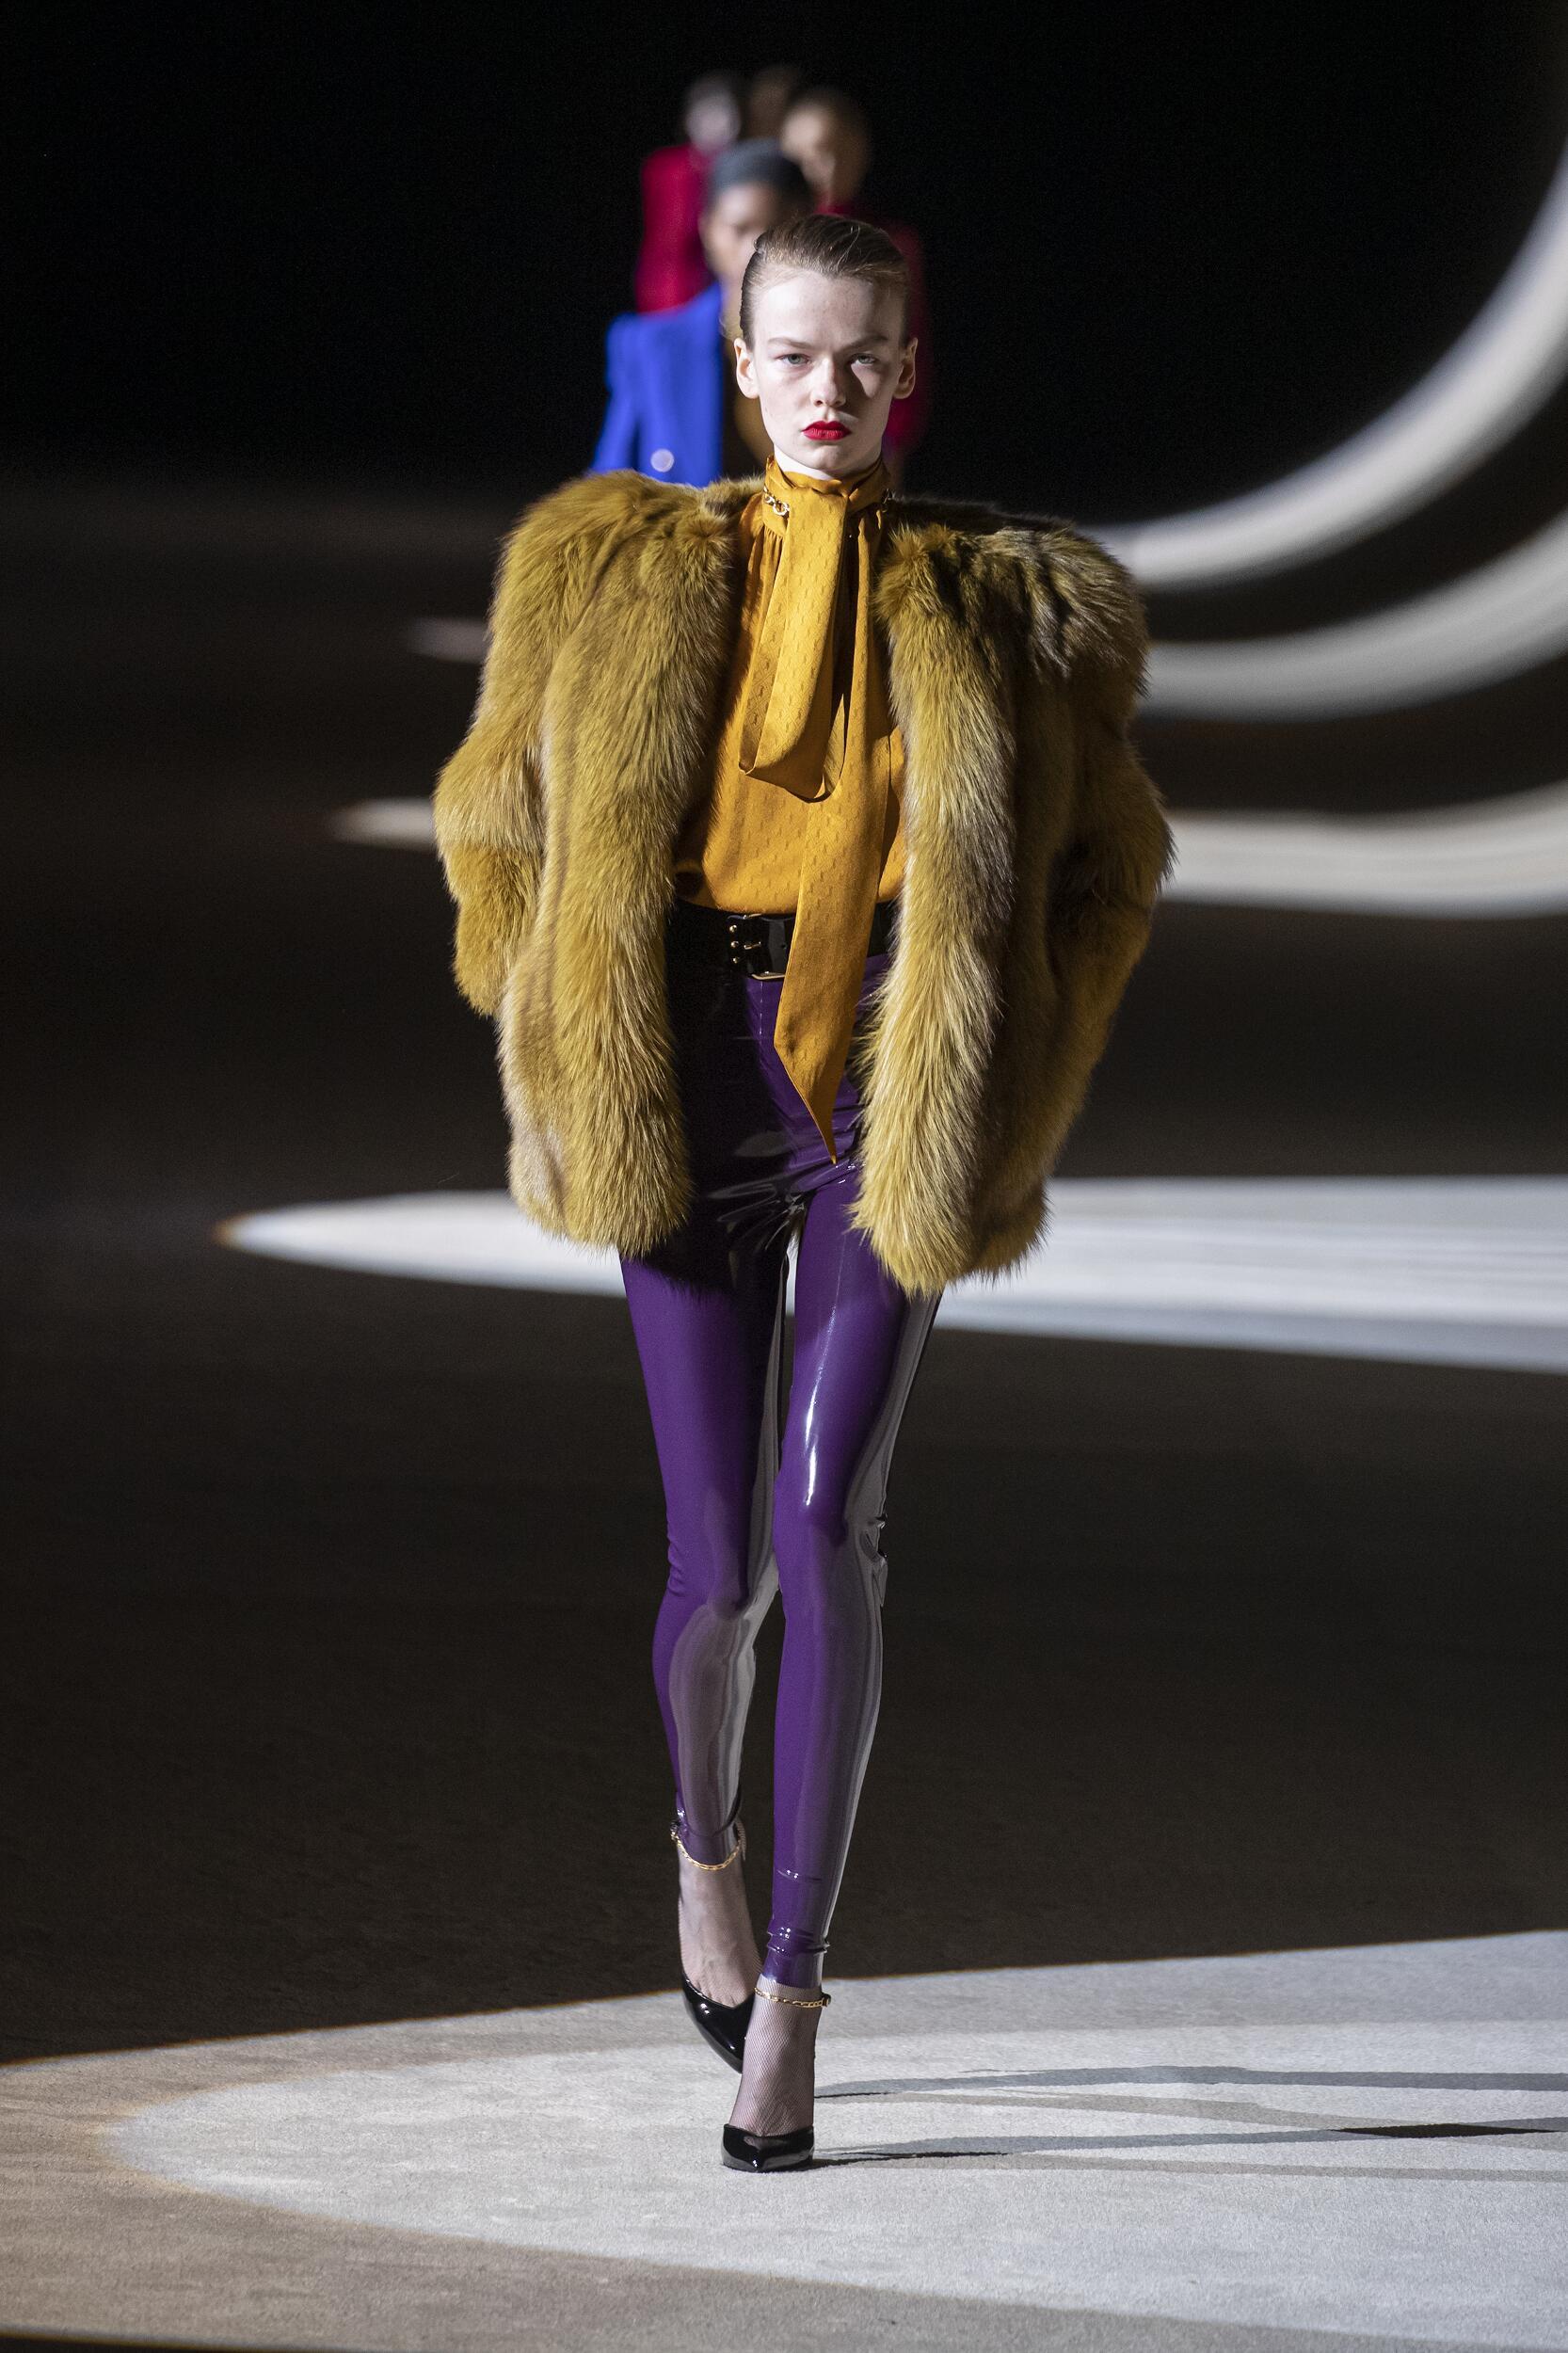 Catwalk Saint Laurent Woman Fashion Show Winter 2020